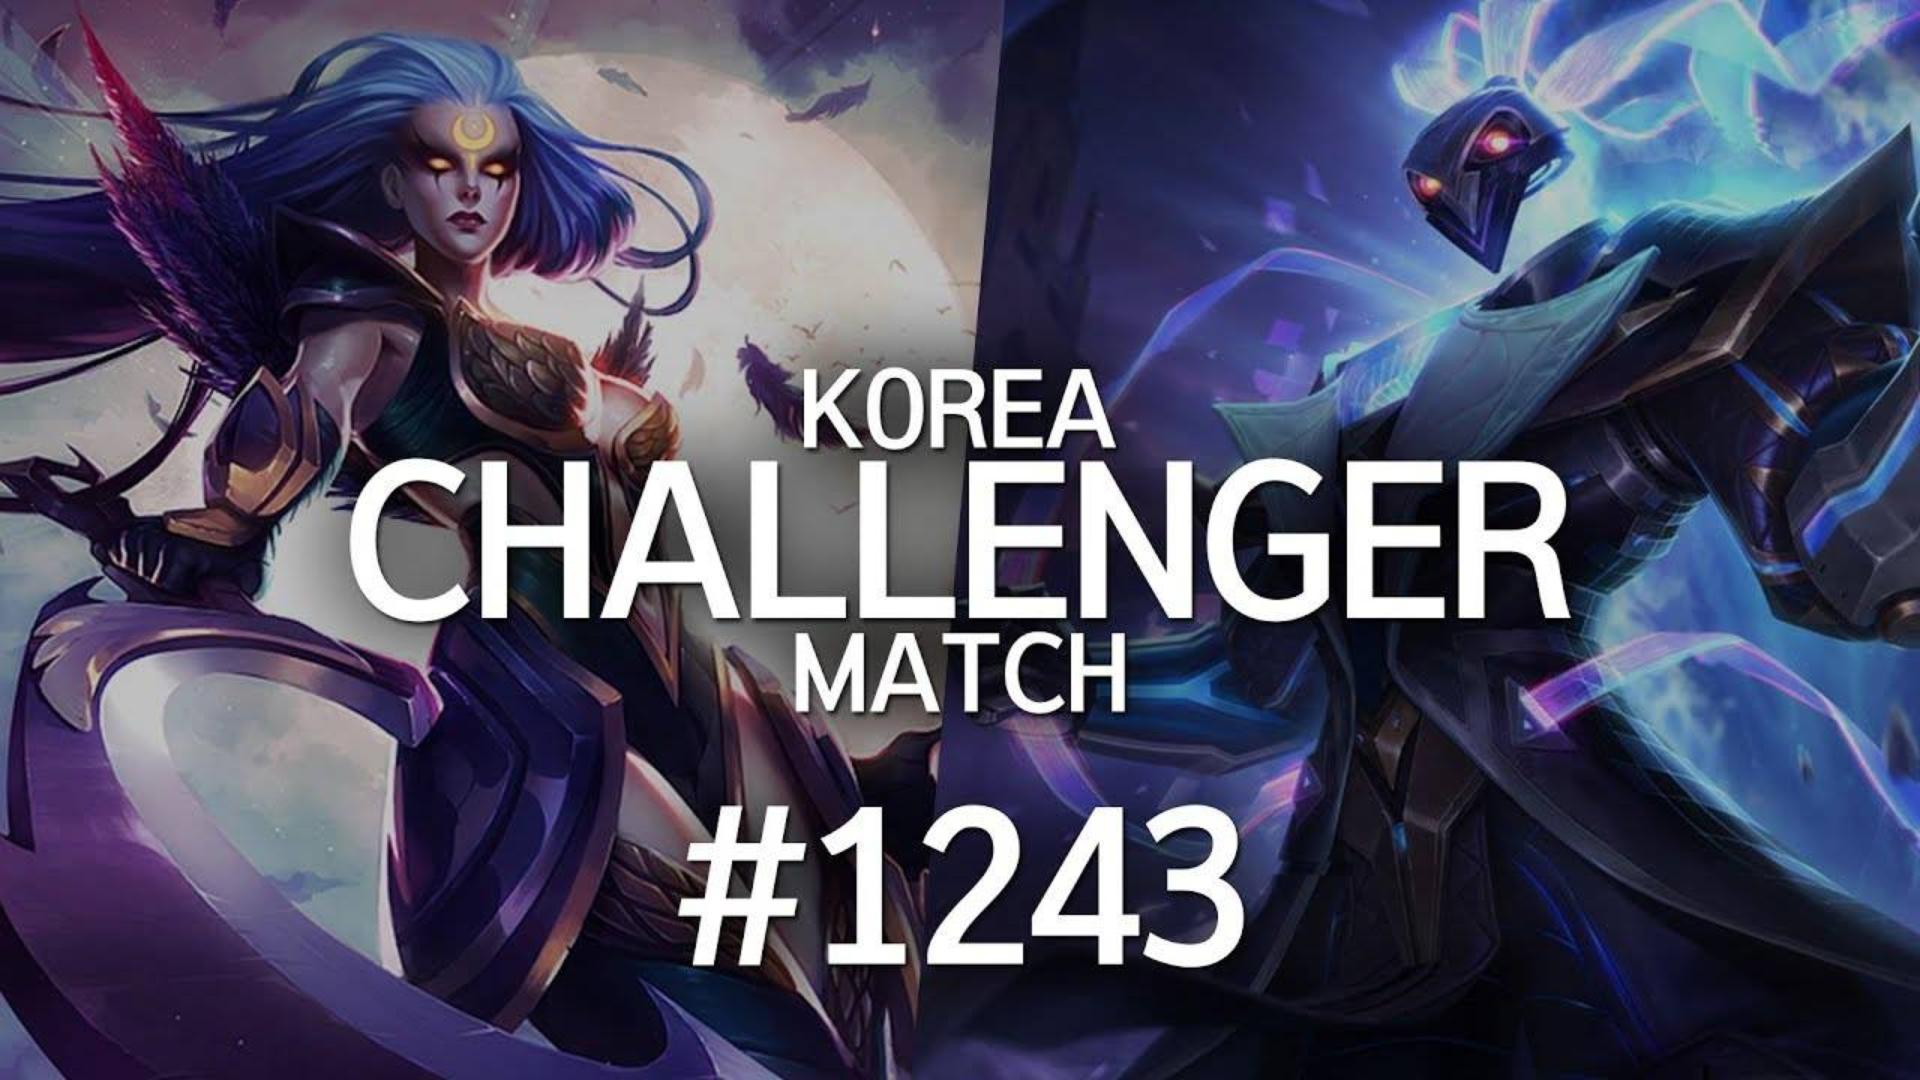 韩服最强王者菁英对决 #1243 | 如何用20秒了解韩服